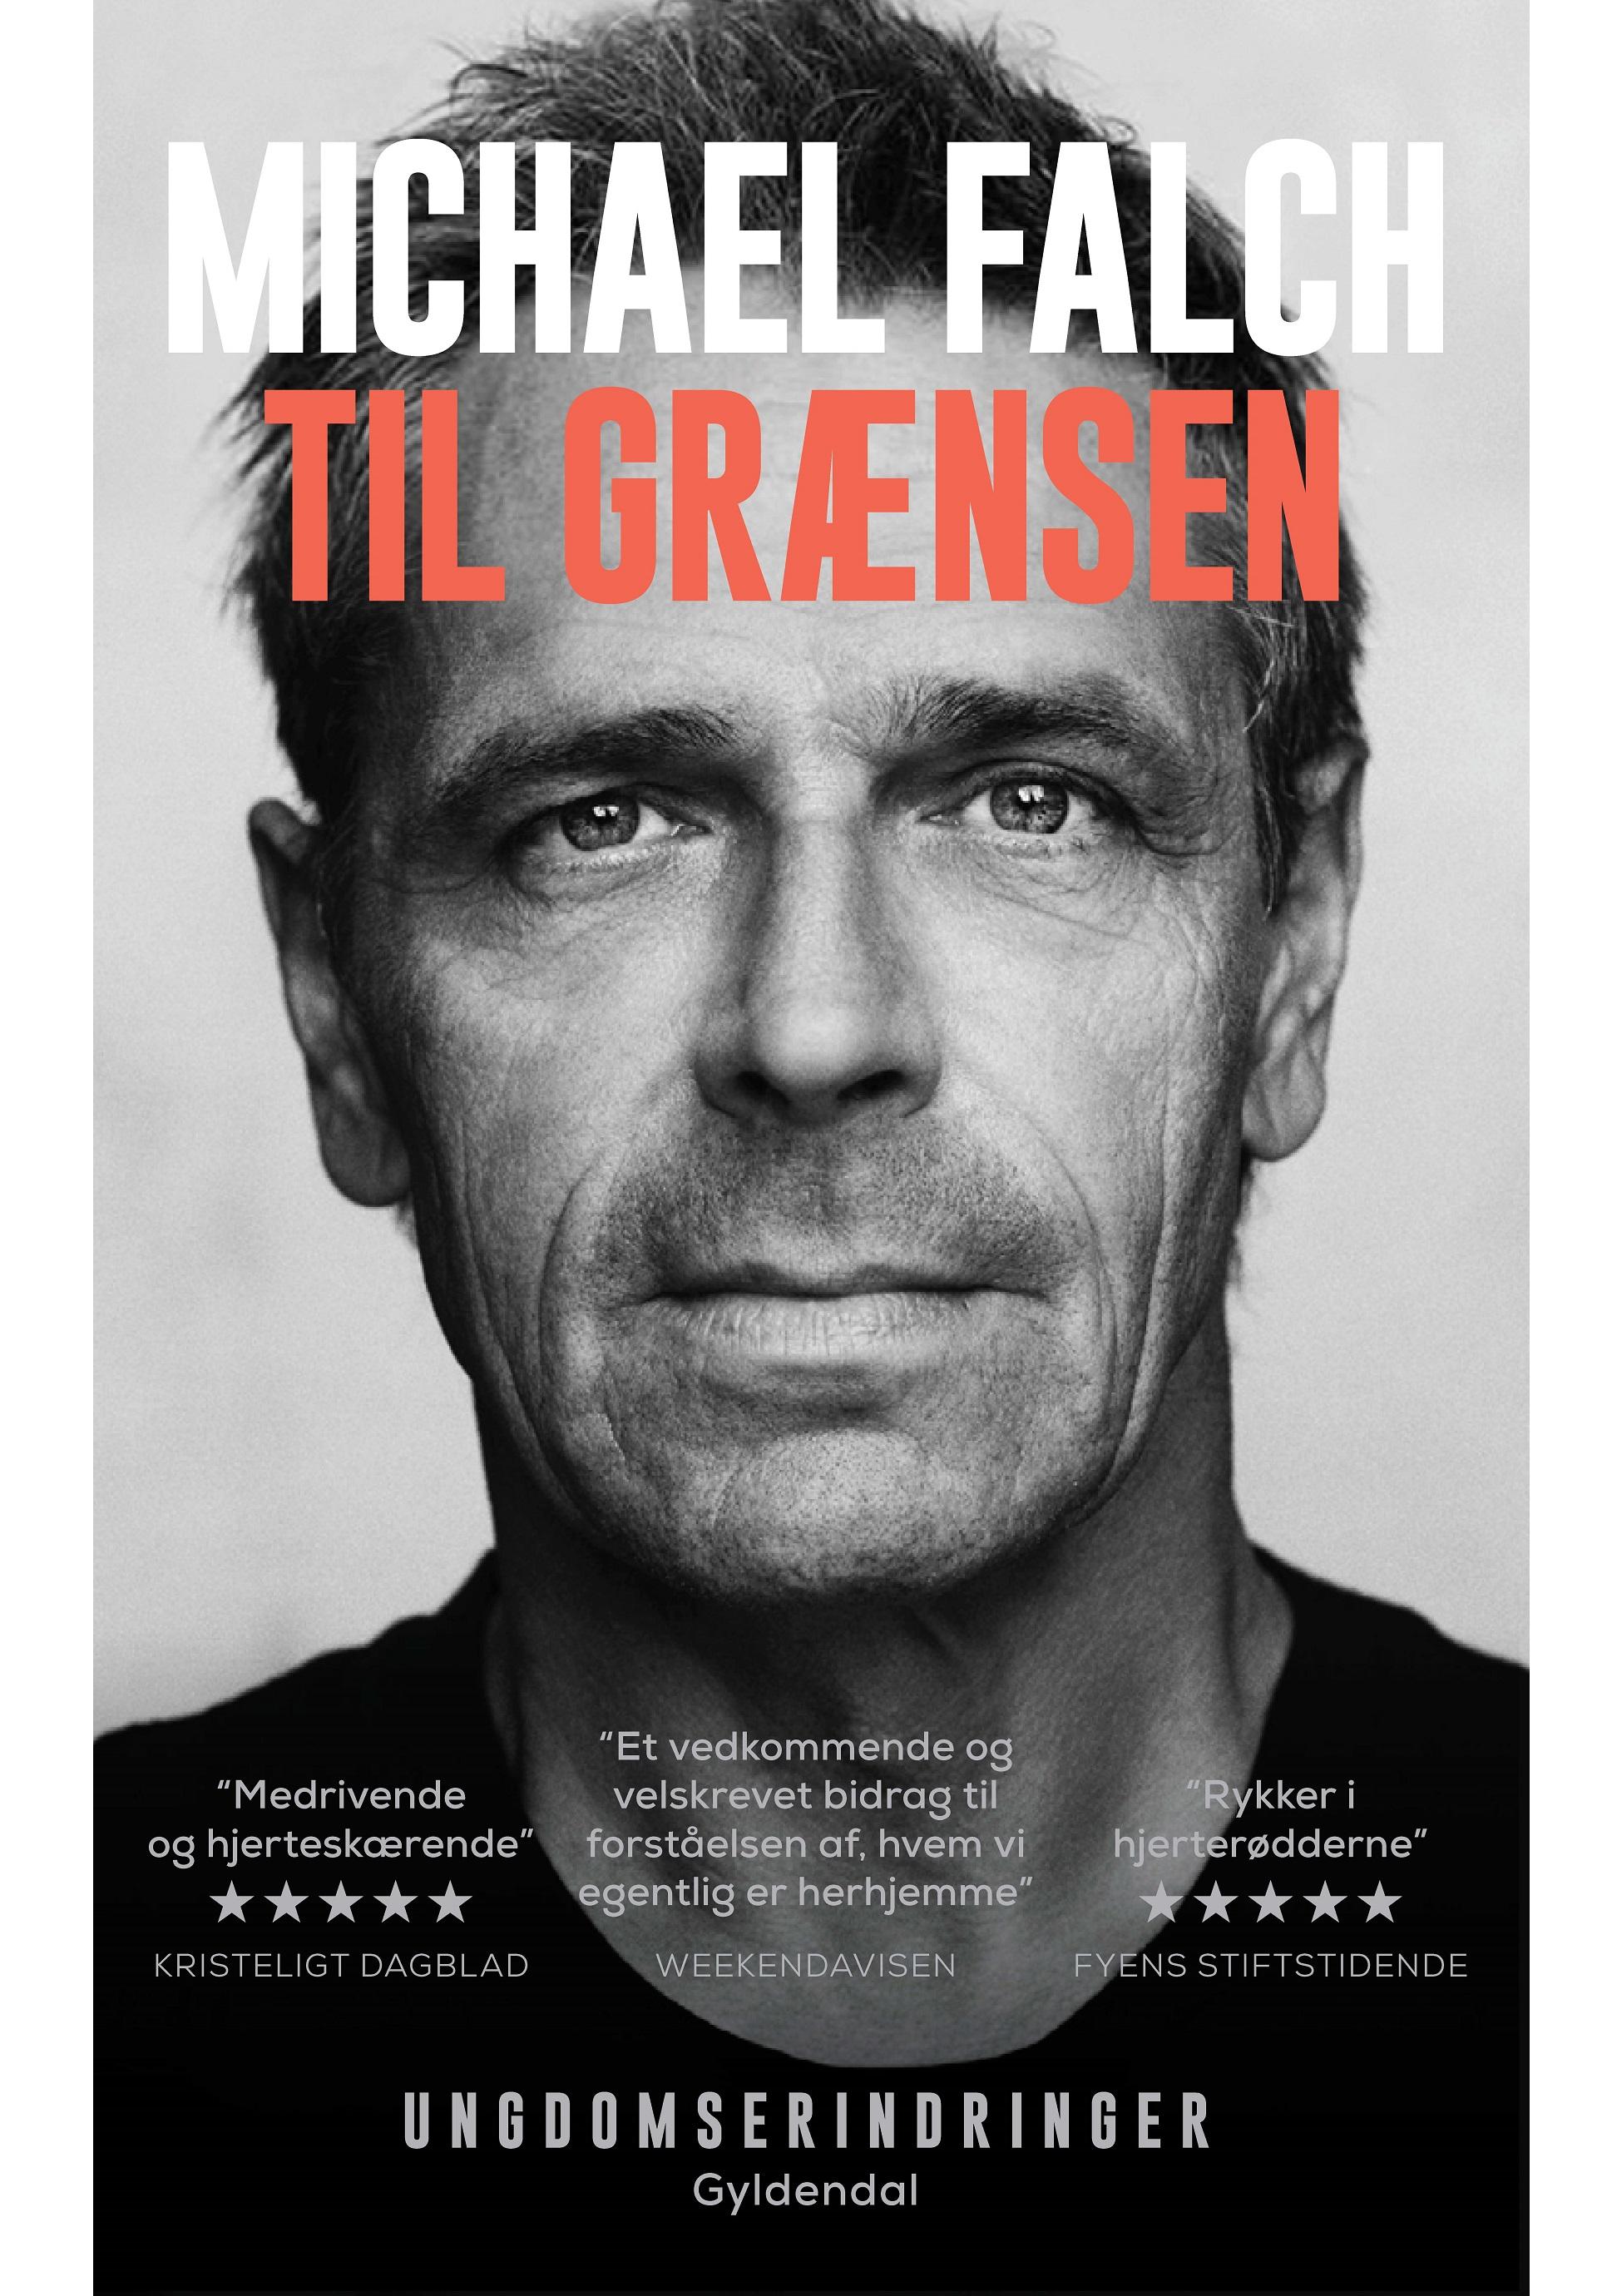 Til grænsen - Michael Falch - Bøger - Gyldendal - 9788702283648 - April 2, 2019